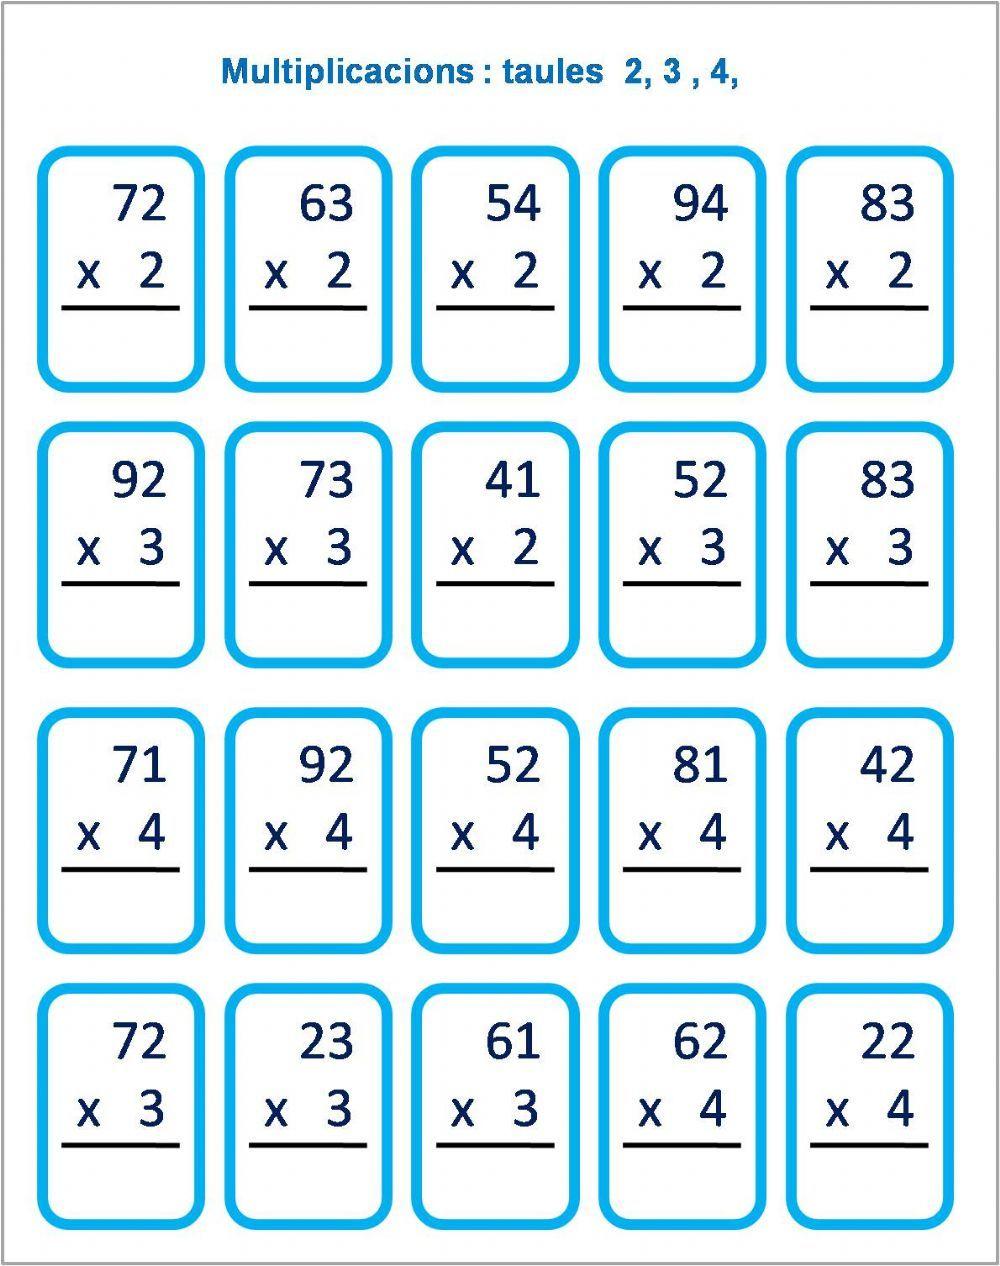 Multiplicacions Taules 2 3 Y 4 Ficha Interactiva Hojas De Trabajo De Matemáticas Matematicas Tercero De Primaria Prácticas De Matemáticas